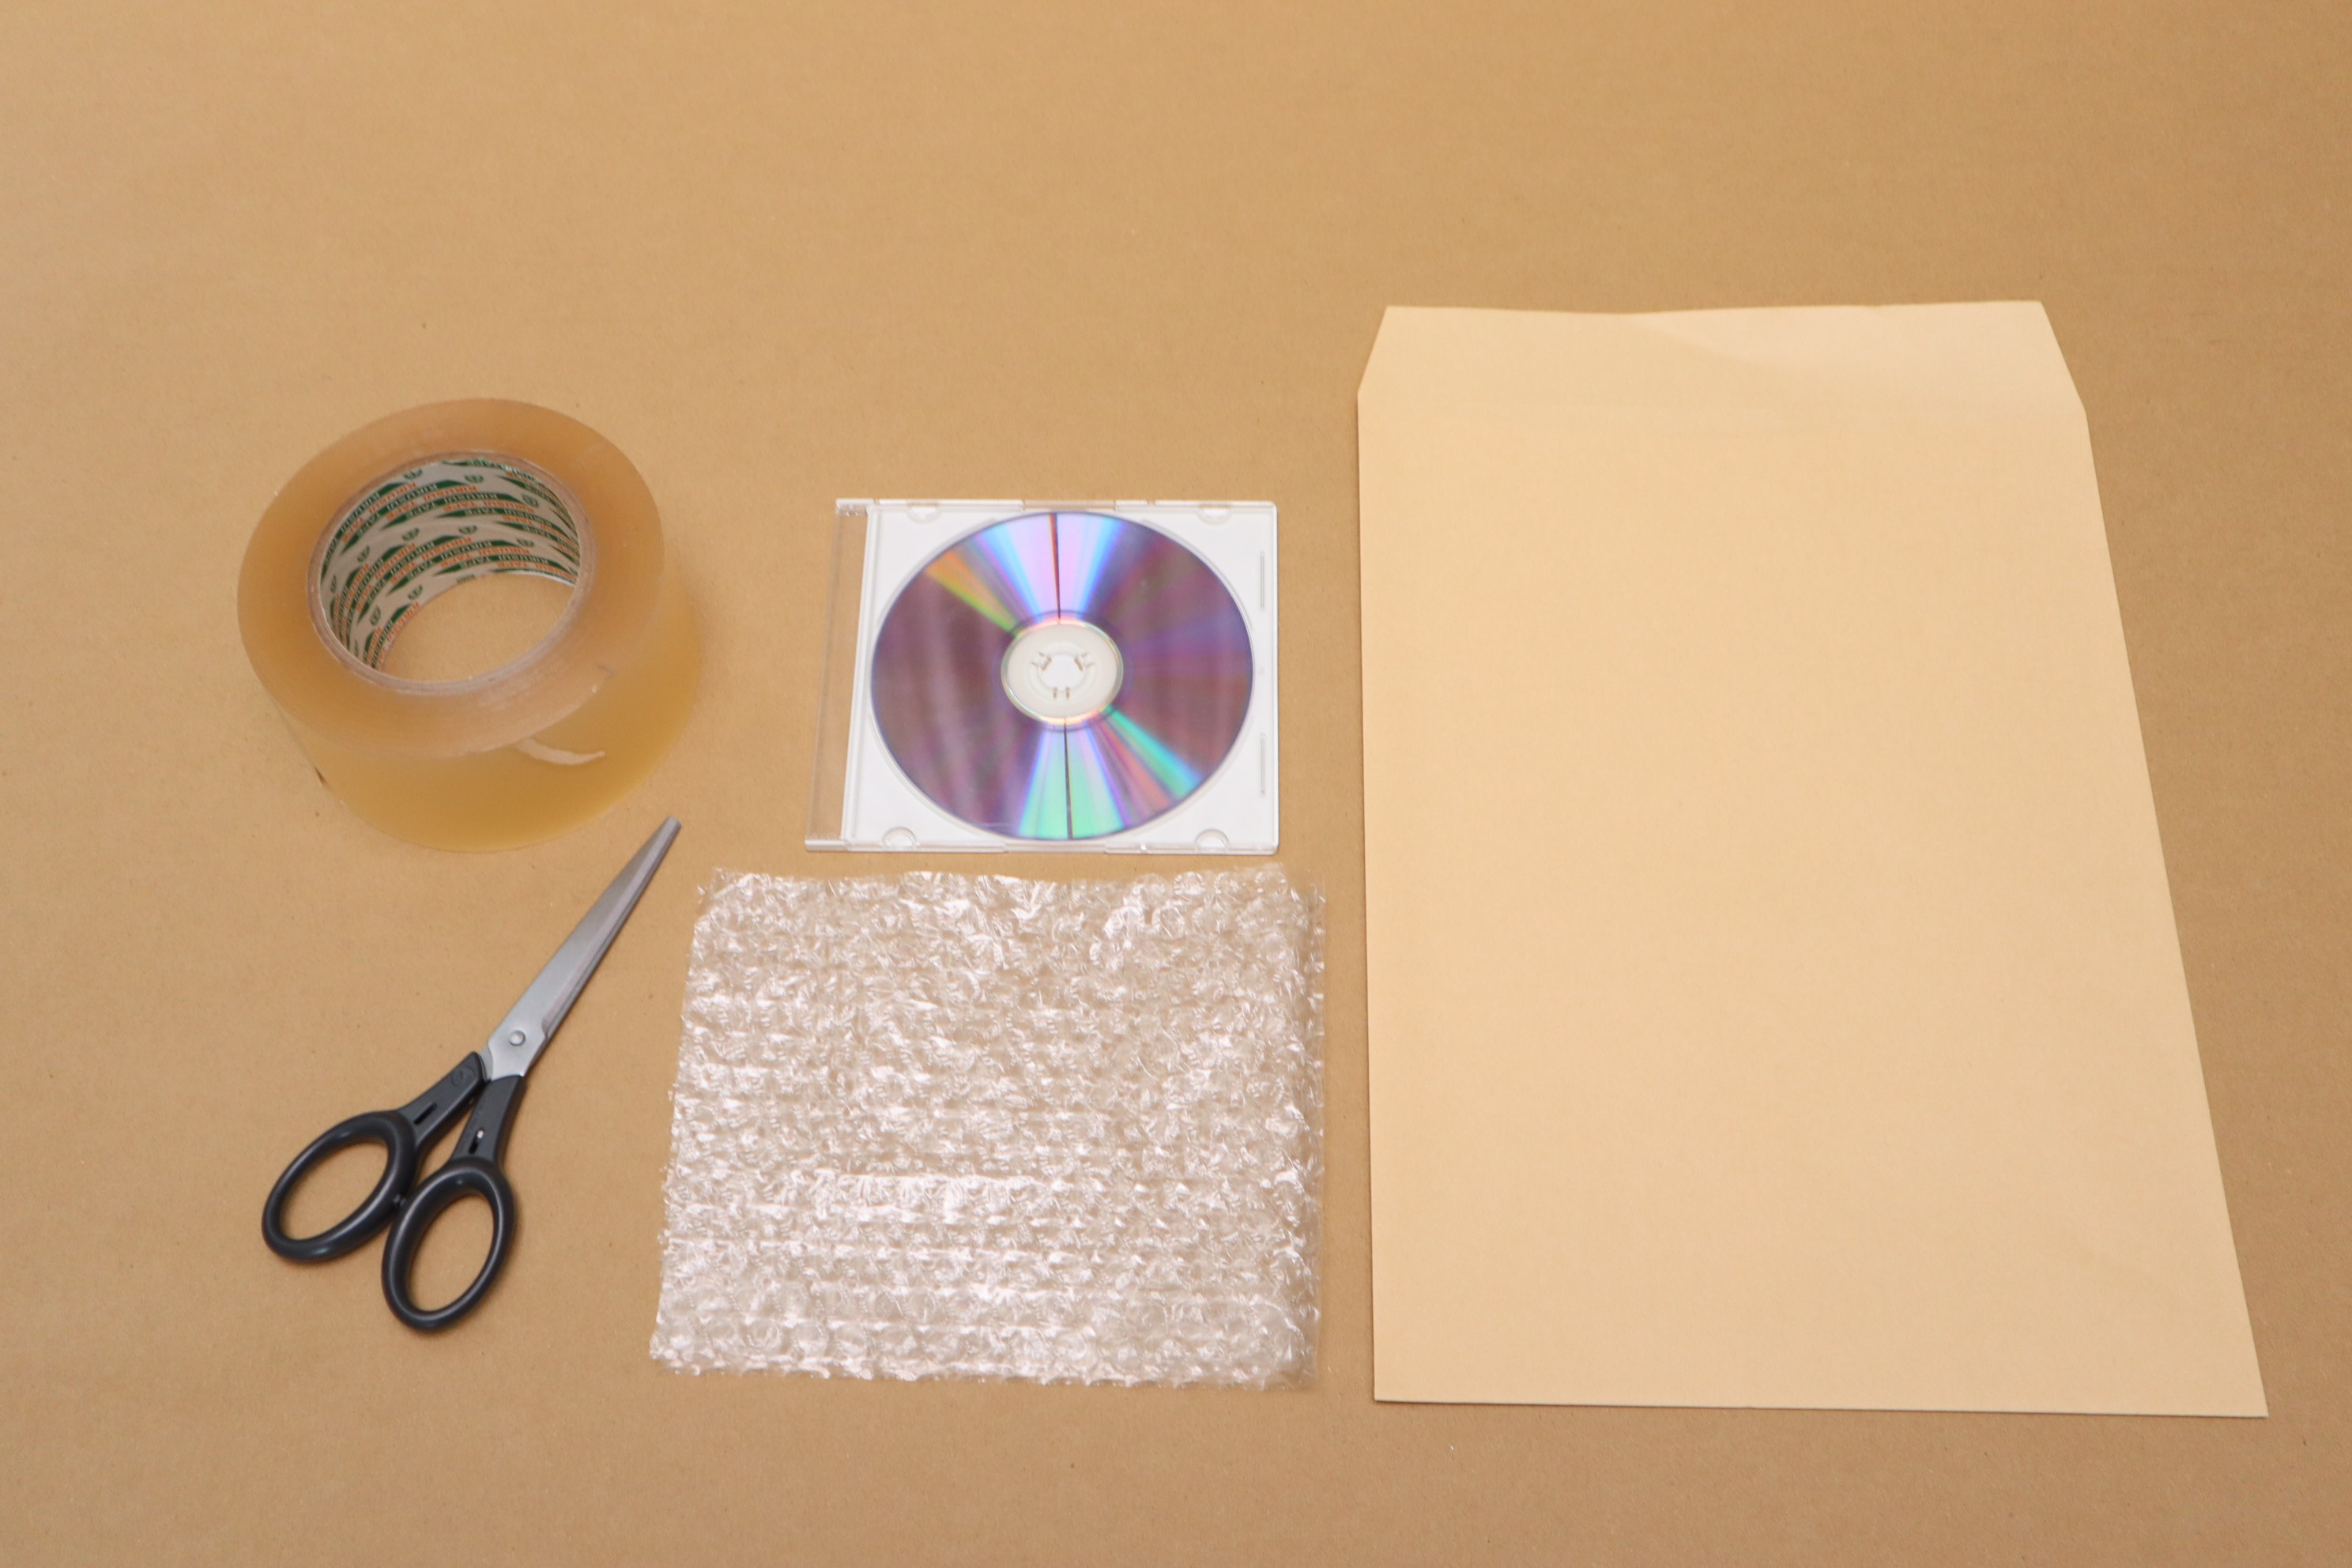 用意するものはCDとプチプチと封筒とテープとハサミ